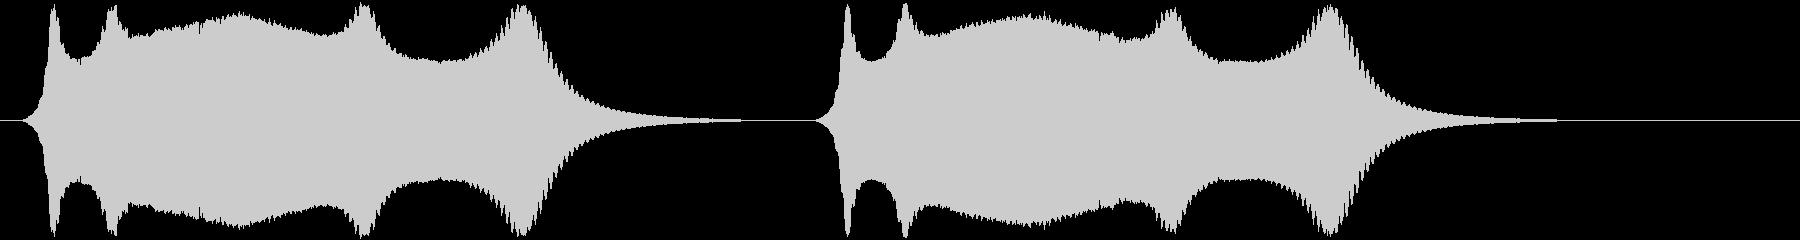 ワーブル;ハイピッチ電子ウォーブル...の未再生の波形